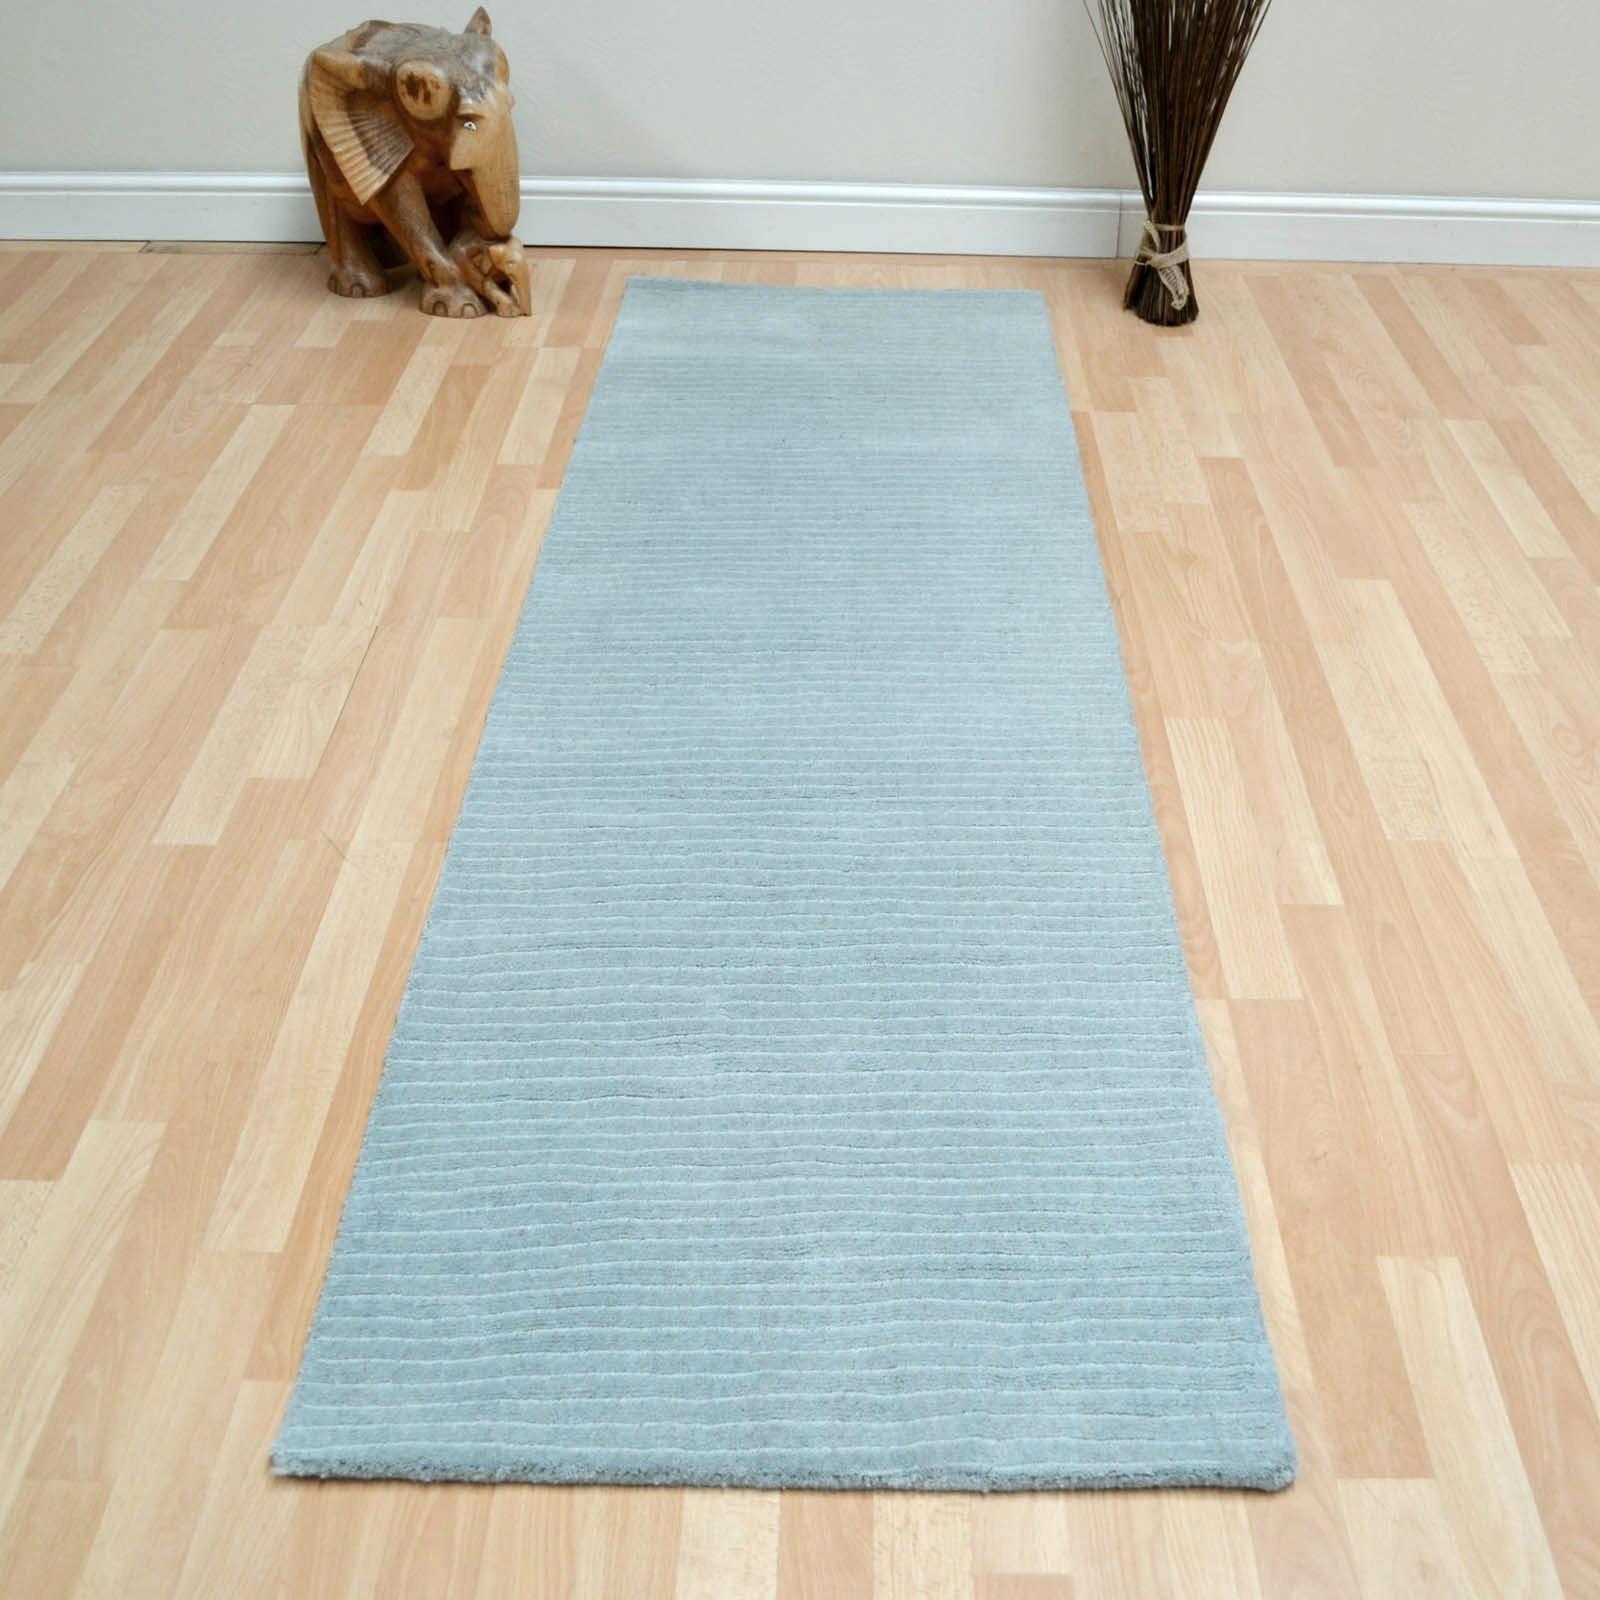 Flooring Lovely Hallway Runners For Floor Decor Idea Intended For Modern Runner Rugs For Hallway (#11 of 20)